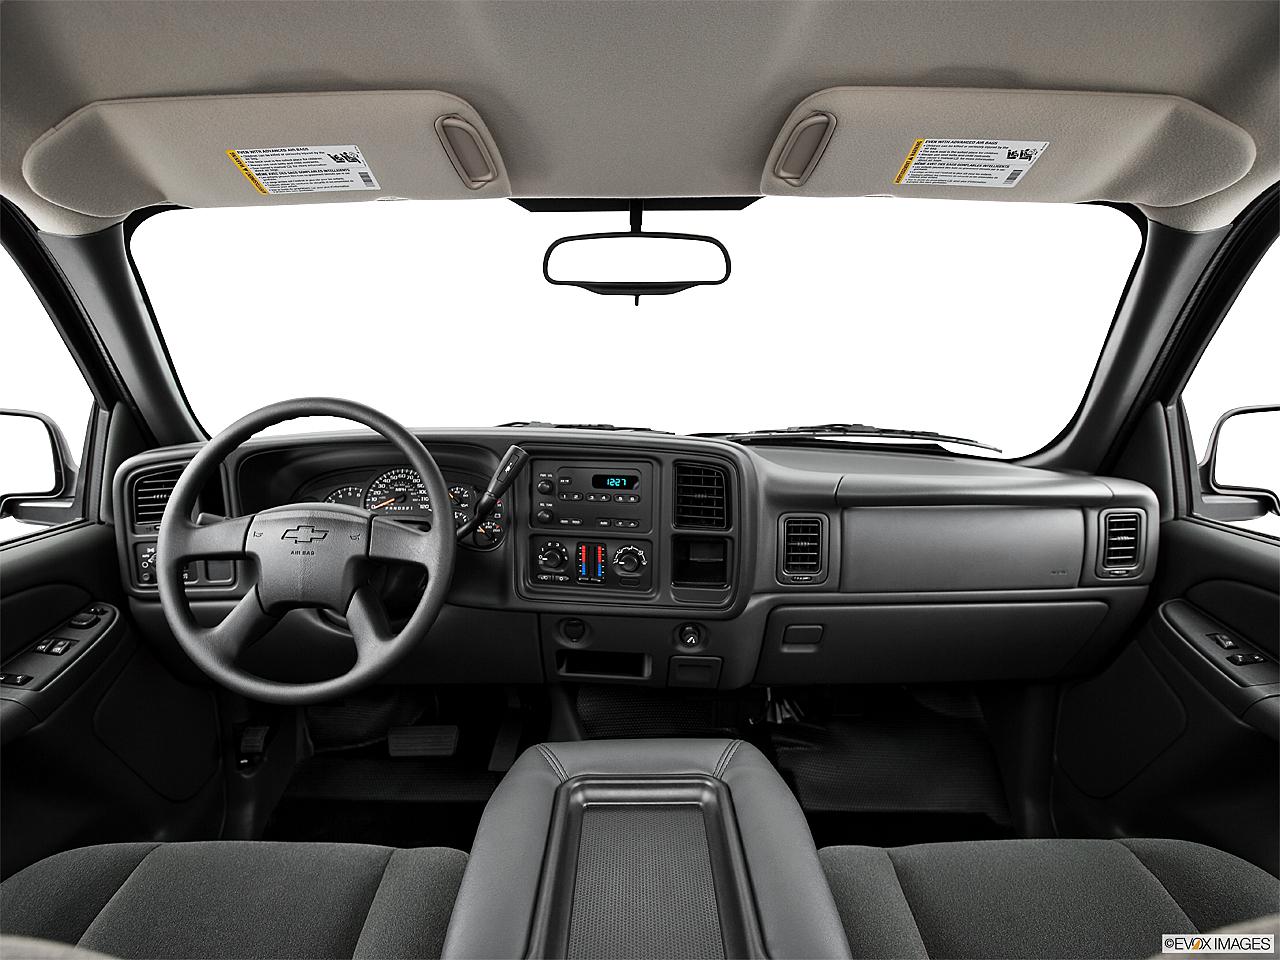 Service Manual Accident Recorder 2001 Suzuki Swift Interior Lighting Service Manual Accident